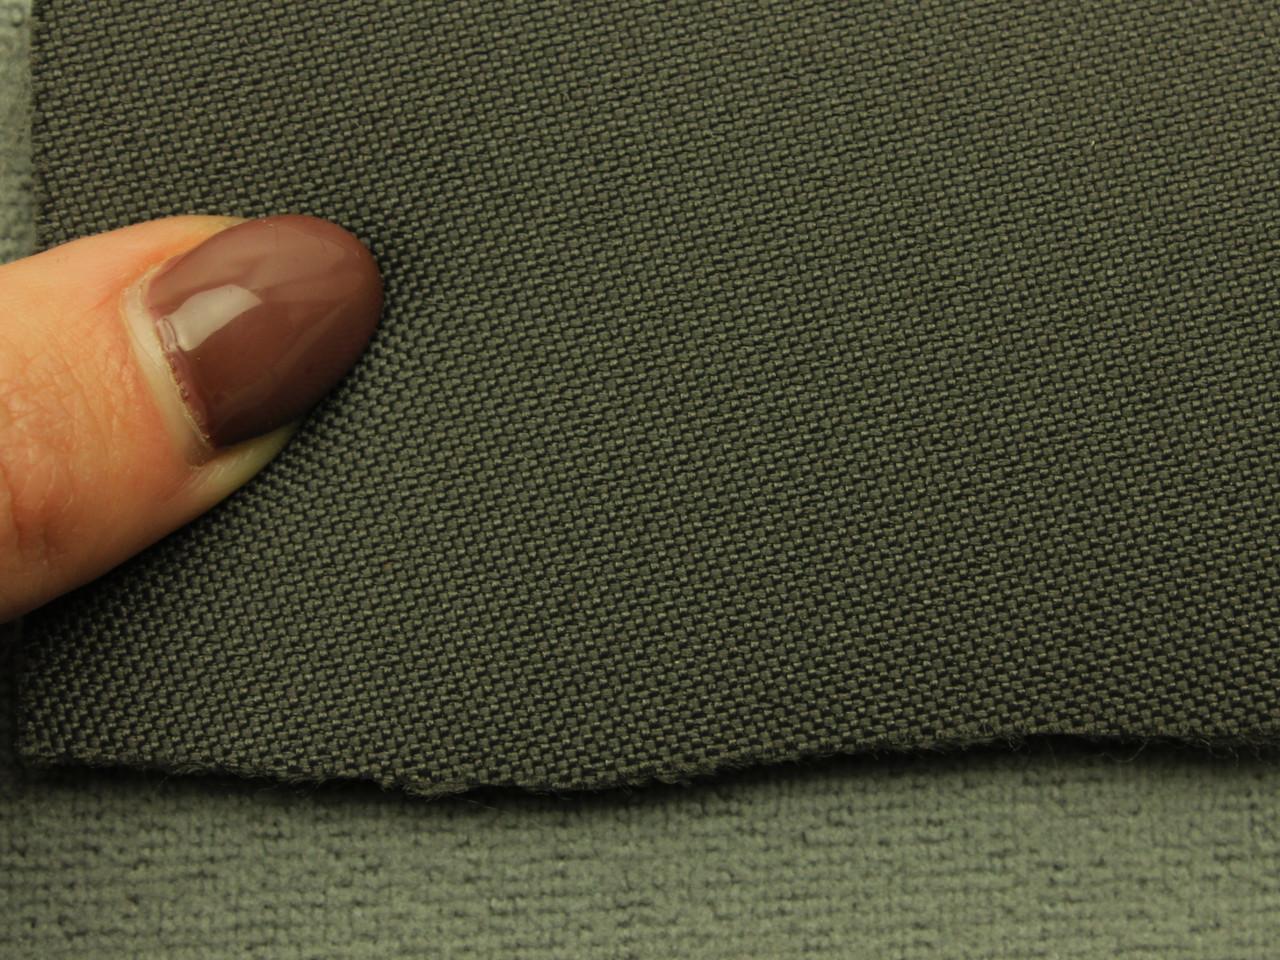 Ткань для сидений автомобиля, цвет темно-серый, на поролоне (для боковой части) Германия